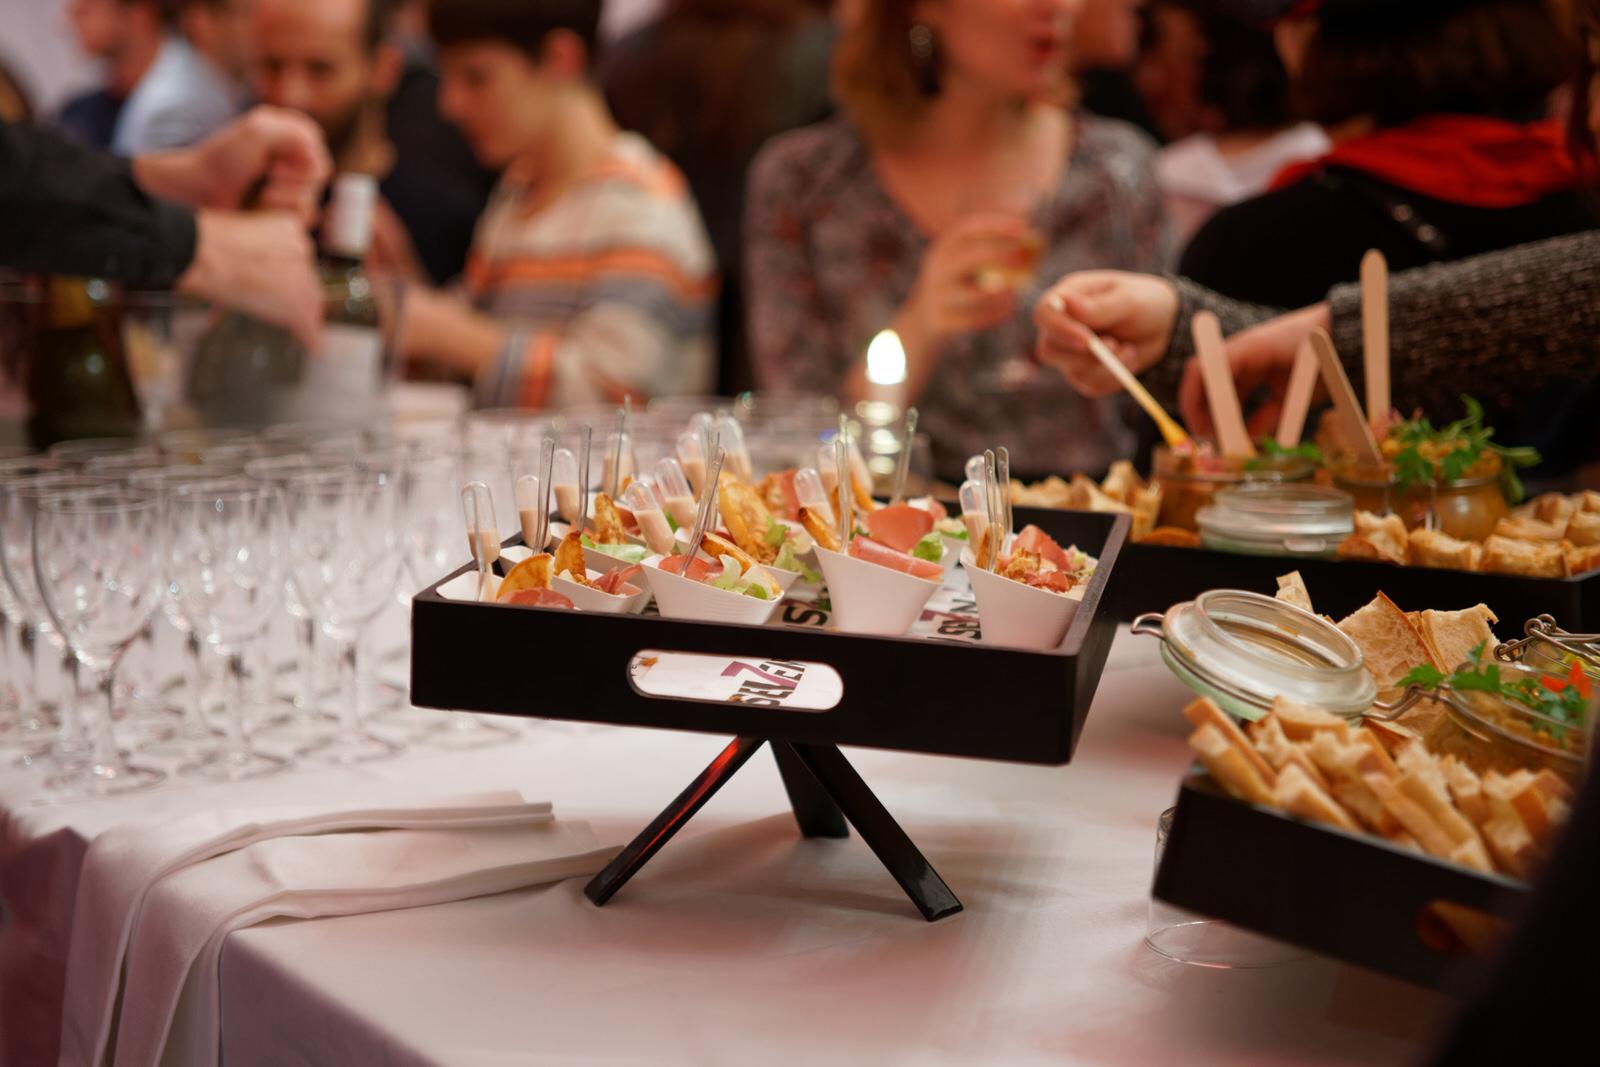 Traiteur - Salle de réception - Reportage photo - événementiel - événement - soirée d'entreprise - photographe professionnel - Thierry Pousset - Bordeaux - coco marble